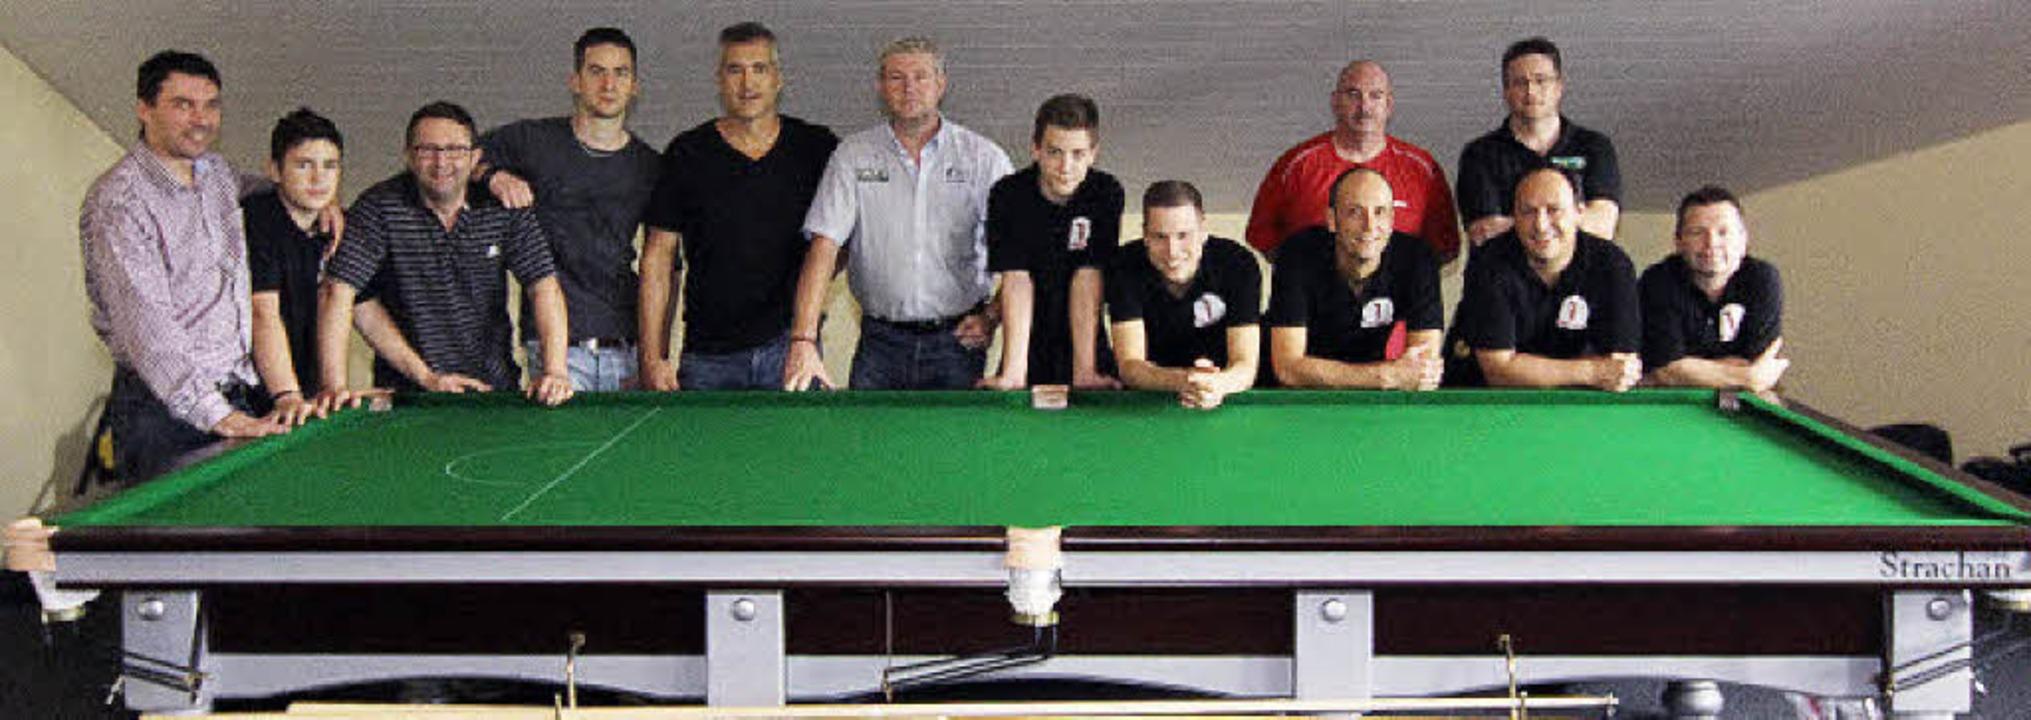 Die Snooker-Mannschaft am neuen Tisch ...daneben Peter Wagner und Simon Barker.  | Foto: Privat